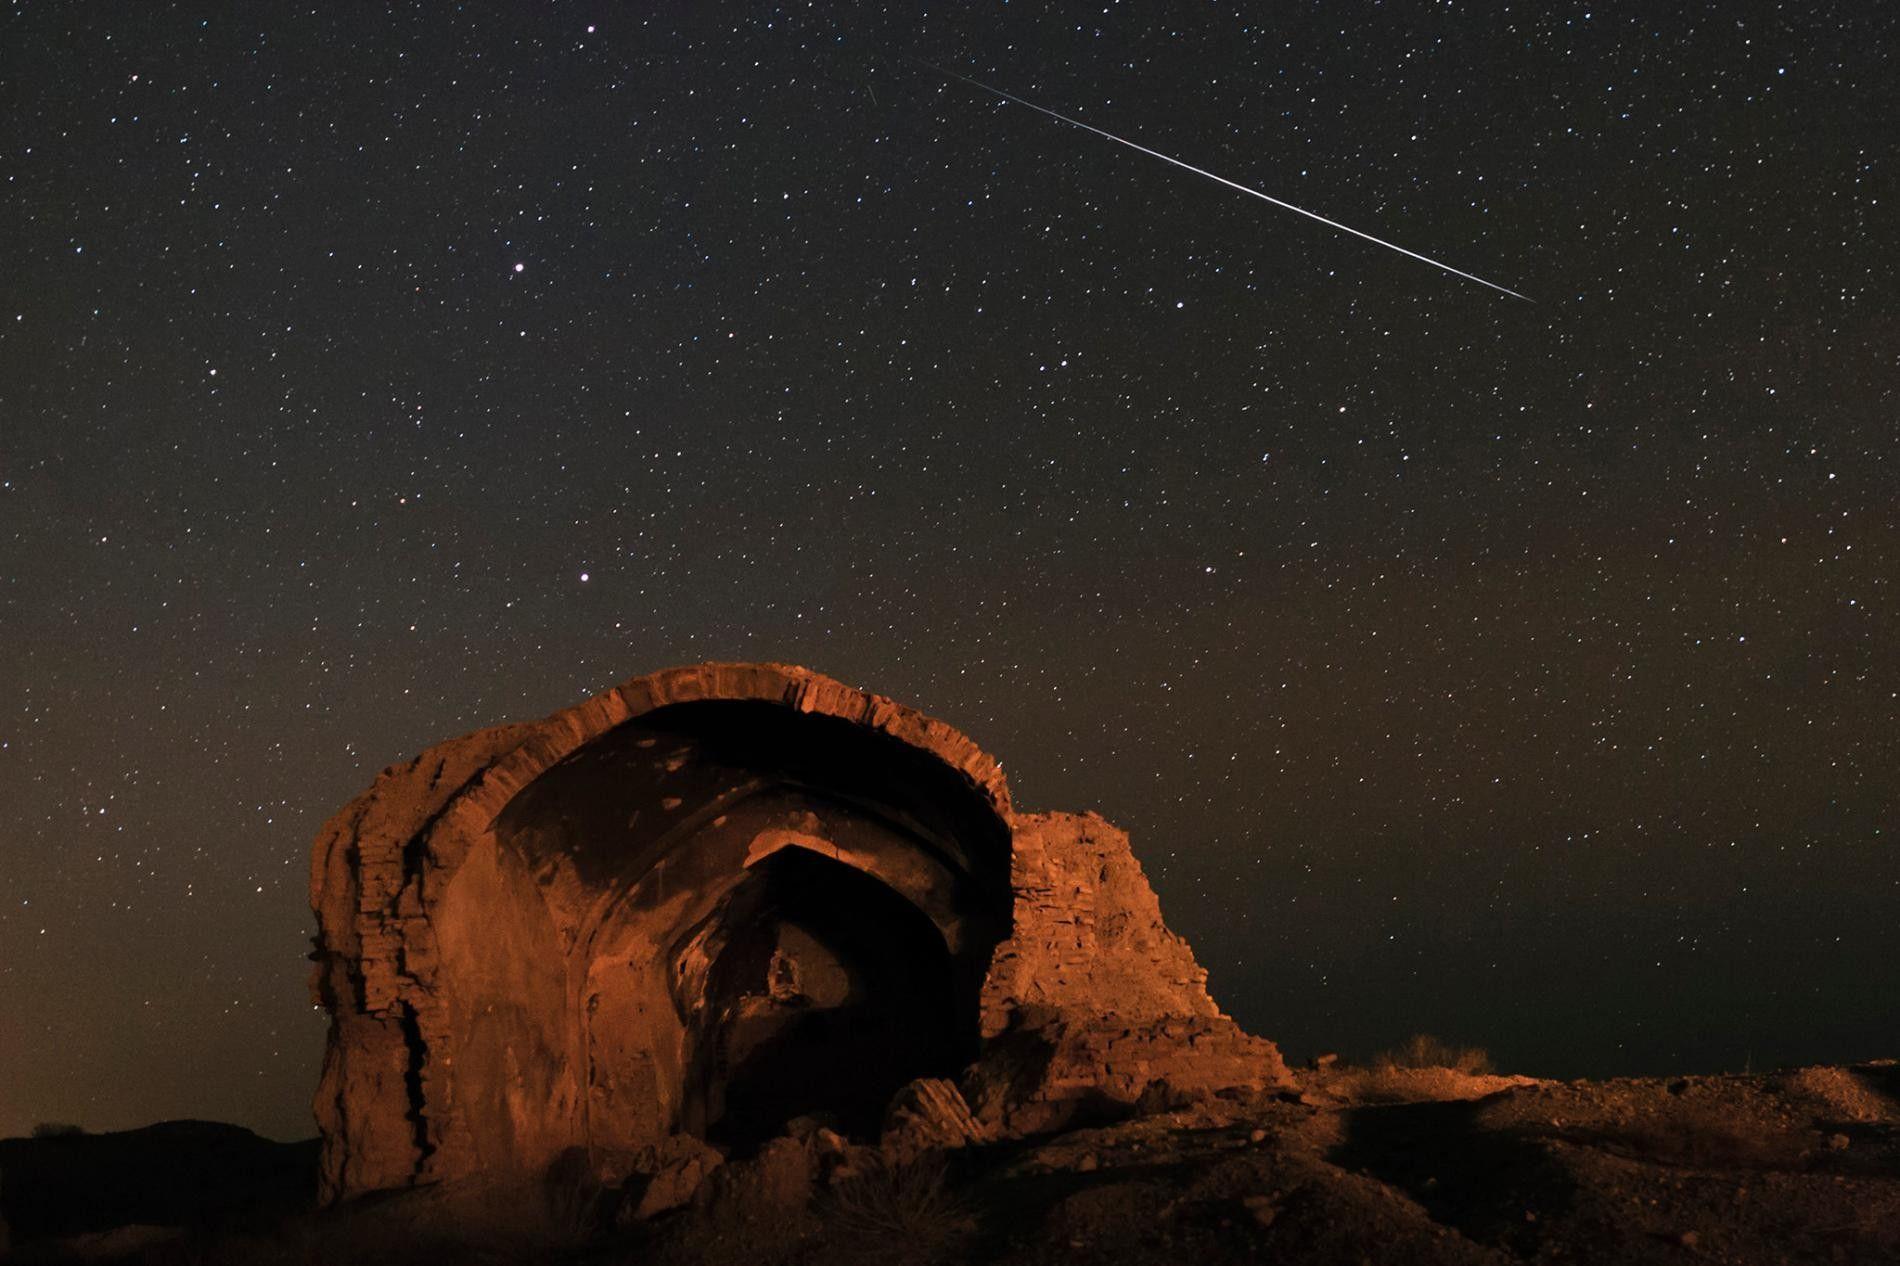 Une météorite traverse le ciel lors de la pluie annuelle de météorites de Quadrantid, photographié près ...